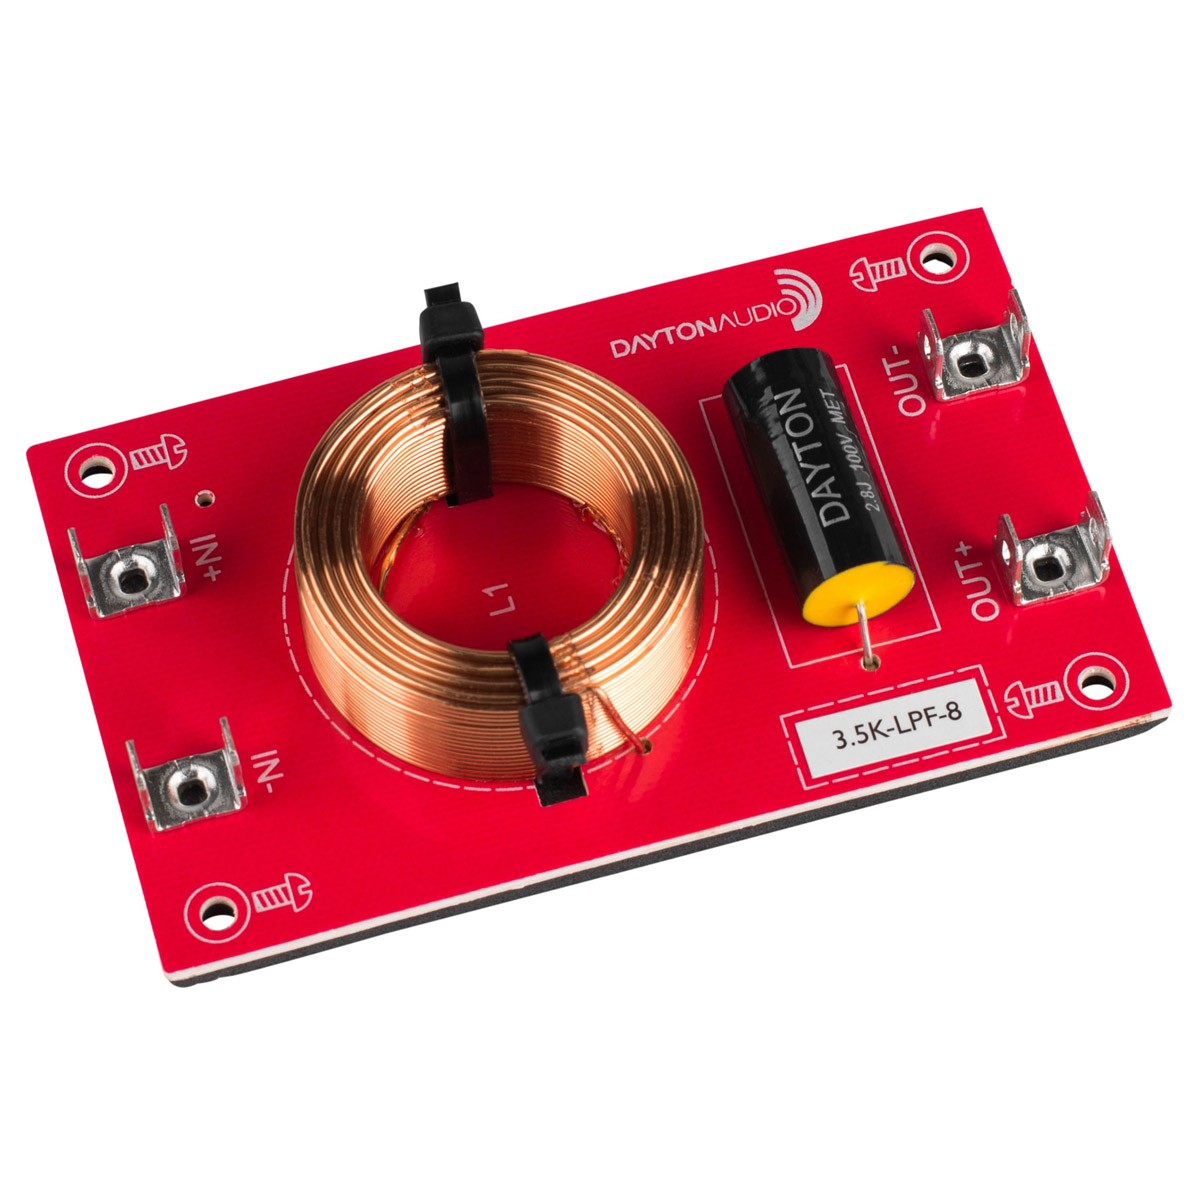 DAYTON AUDIO 3.5K-LPF-8 Filtre Passe-Bas pour Haut-Parleurs 3500Hz 12dB/Octave 8 Ohm